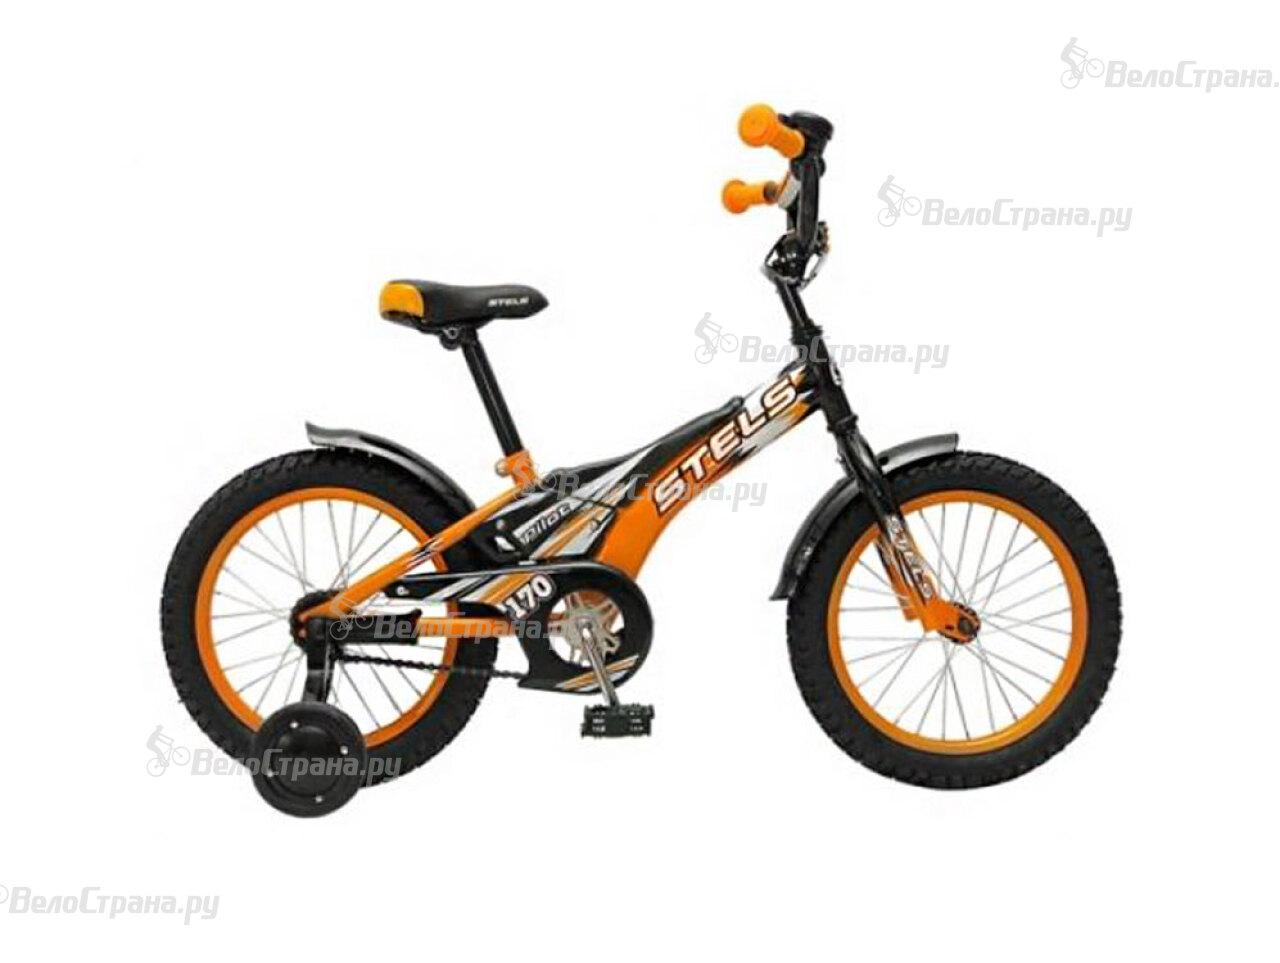 Велосипед Stels Pilot 170 18 (2013) велосипед stels pilot 170 14 2014